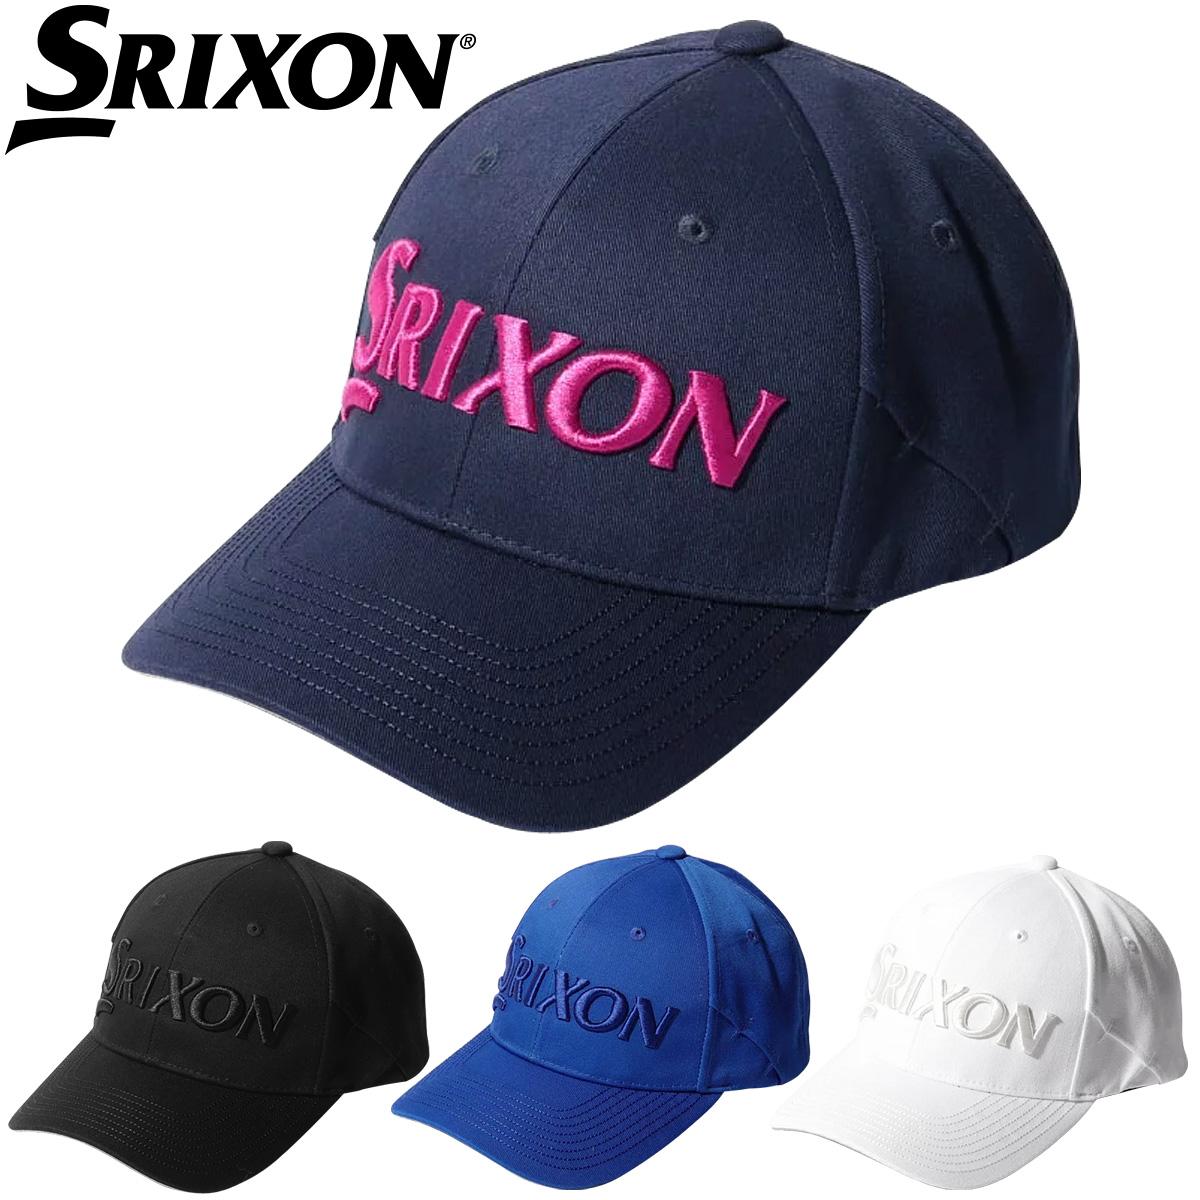 即納 35%OFF SRIXON スリクソン 日本正規品 訳あり商品 ツアーフォルム あす楽対応 キャップ RGBRJC01 2021新製品